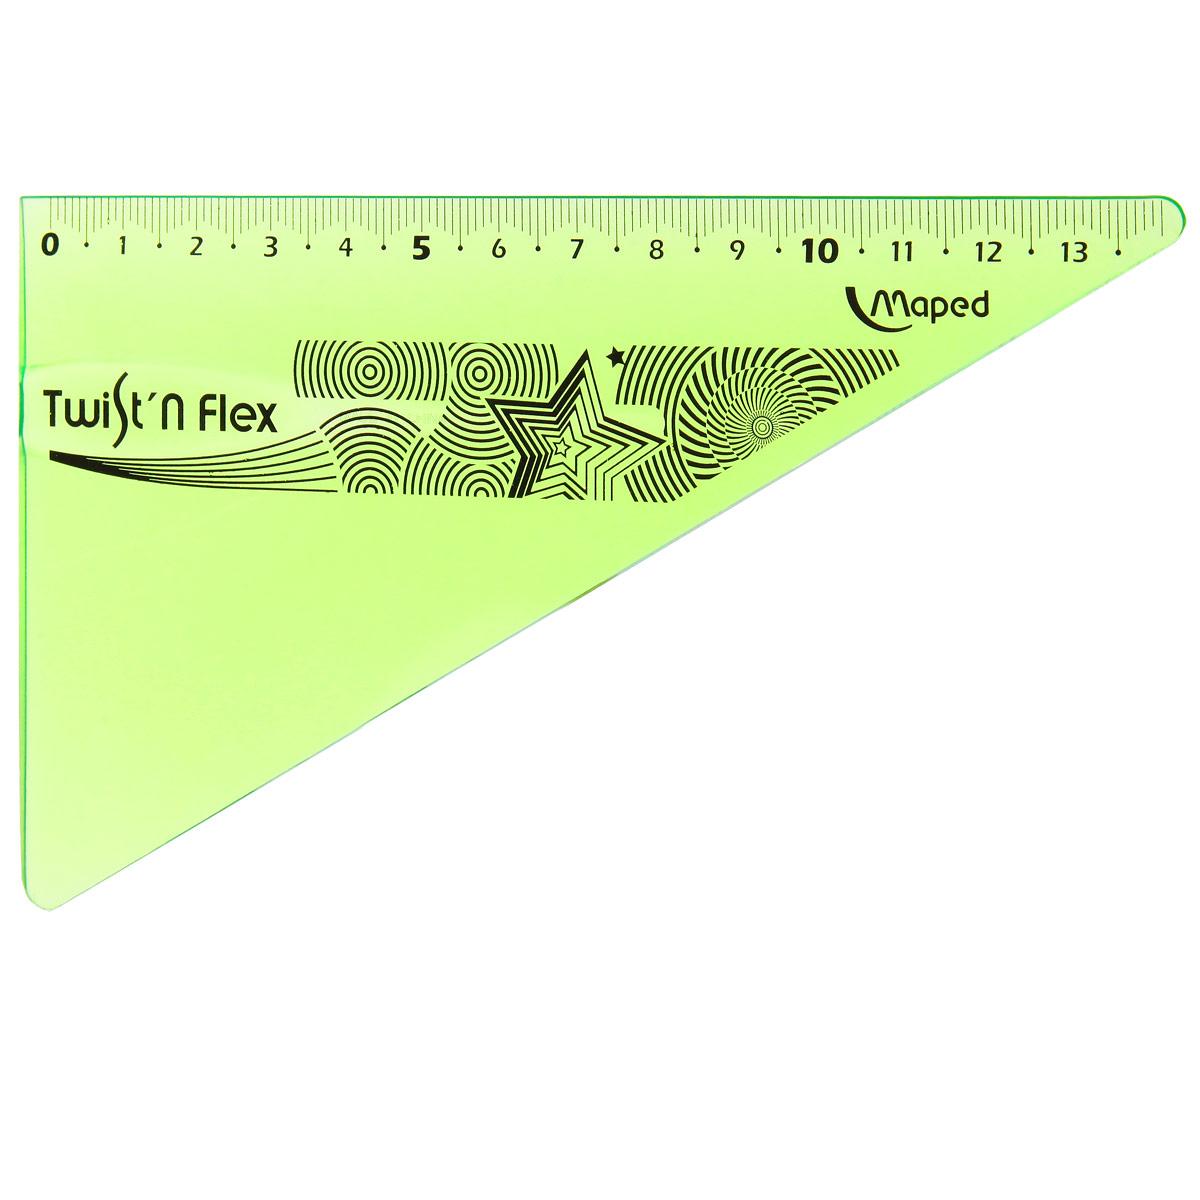 Угольник Maped Twist-n-Flex, неломающийся, 14 см, цвет: салатовый279410_салатовыйГибкий неломающийся угольник Maped - это не только необходимый в учебе предмет, но и легкий способ привлечь ребенка к процессу обучения. Выполнен из прозрачного цветного пластика с ровной четкой миллиметровой шкалой делений до 14 см.Характеристики:Длина: 14 см.Угол: 60 градусов.